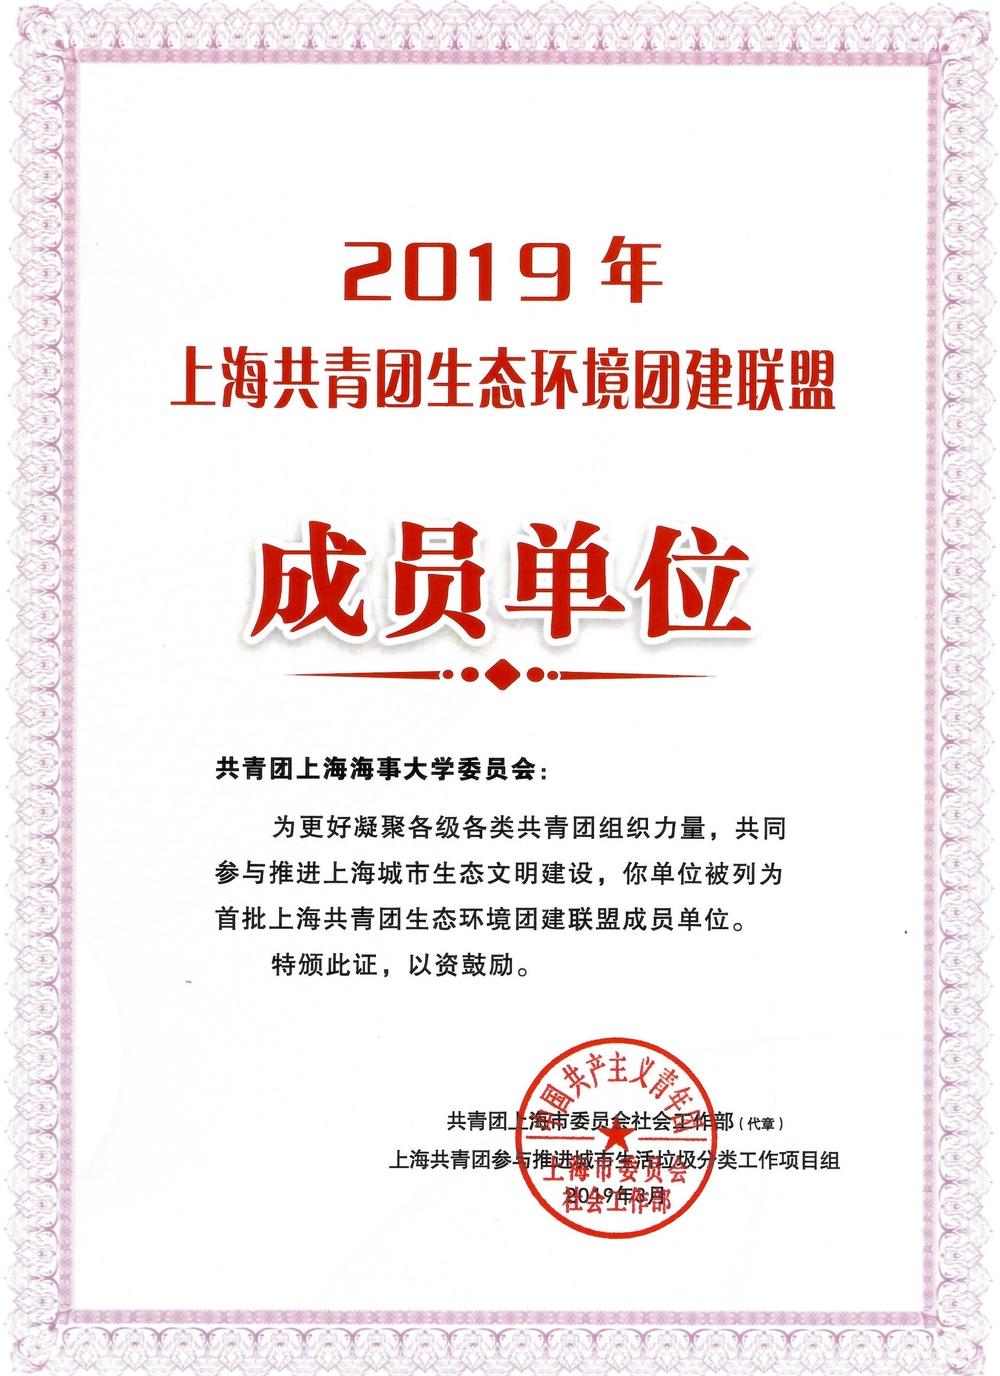 我校被列为首批上海共青团生态环境团建联盟成员单位